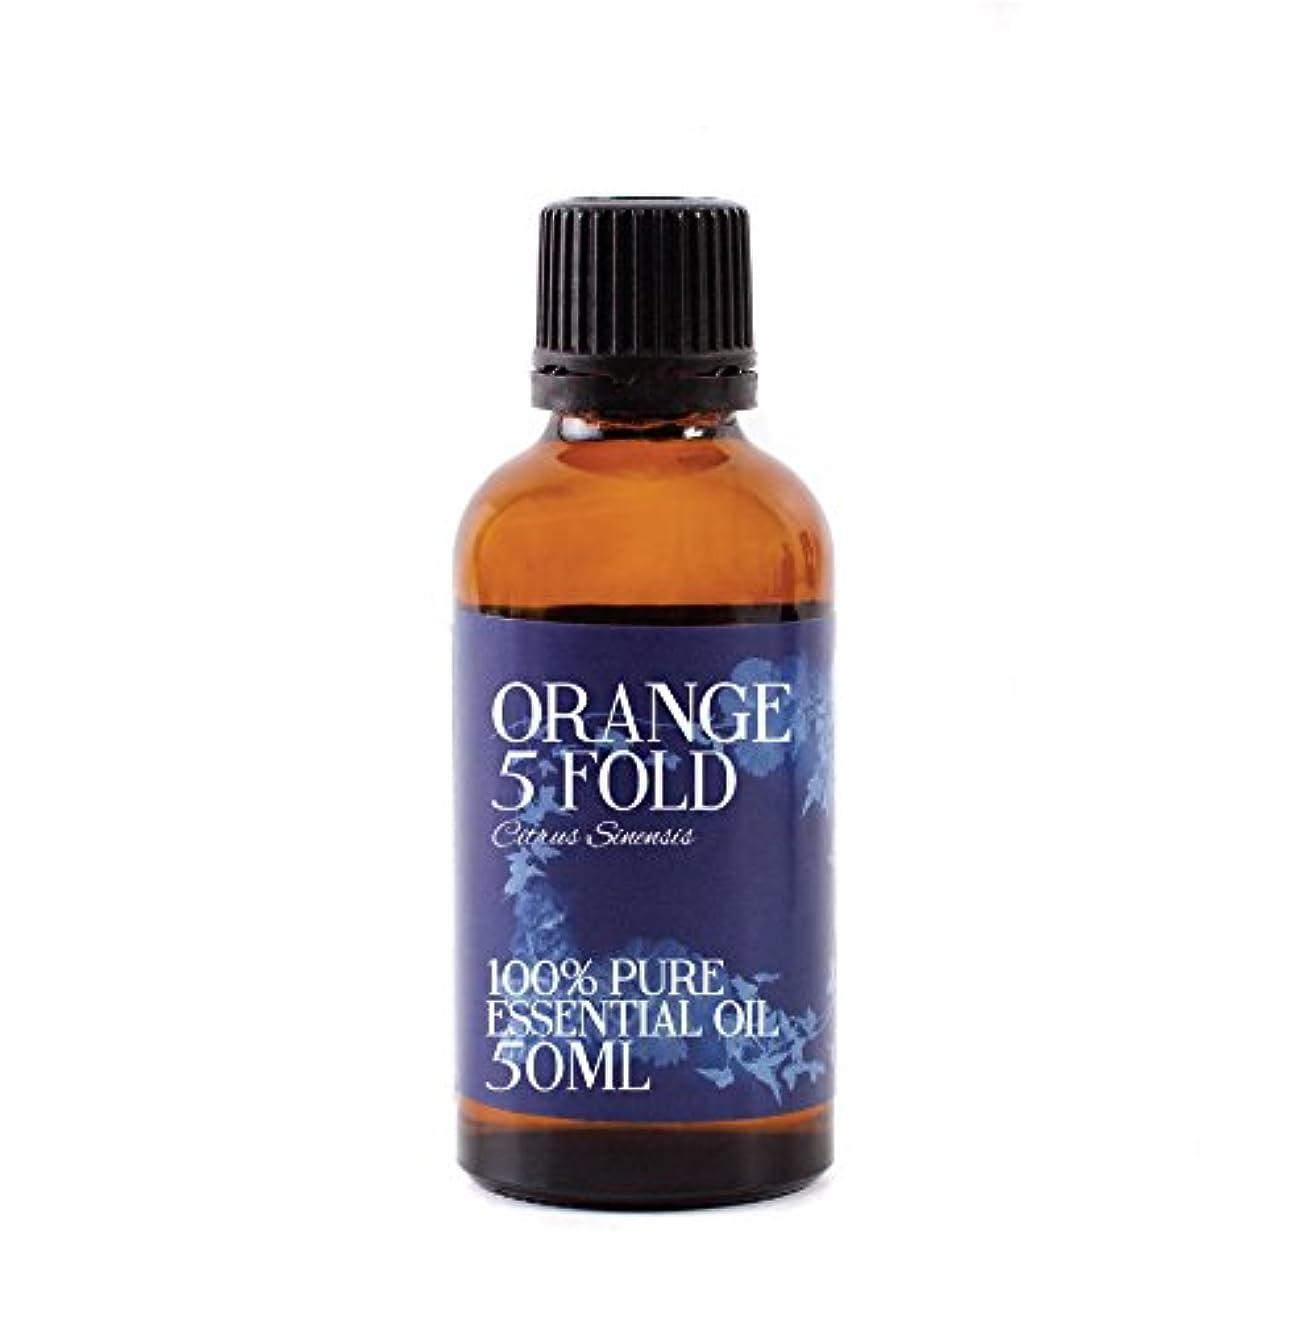 数学申し立てゆりかごMystic Moments | Orange 5 Fold Essential Oil - 50ml - 100% Pure